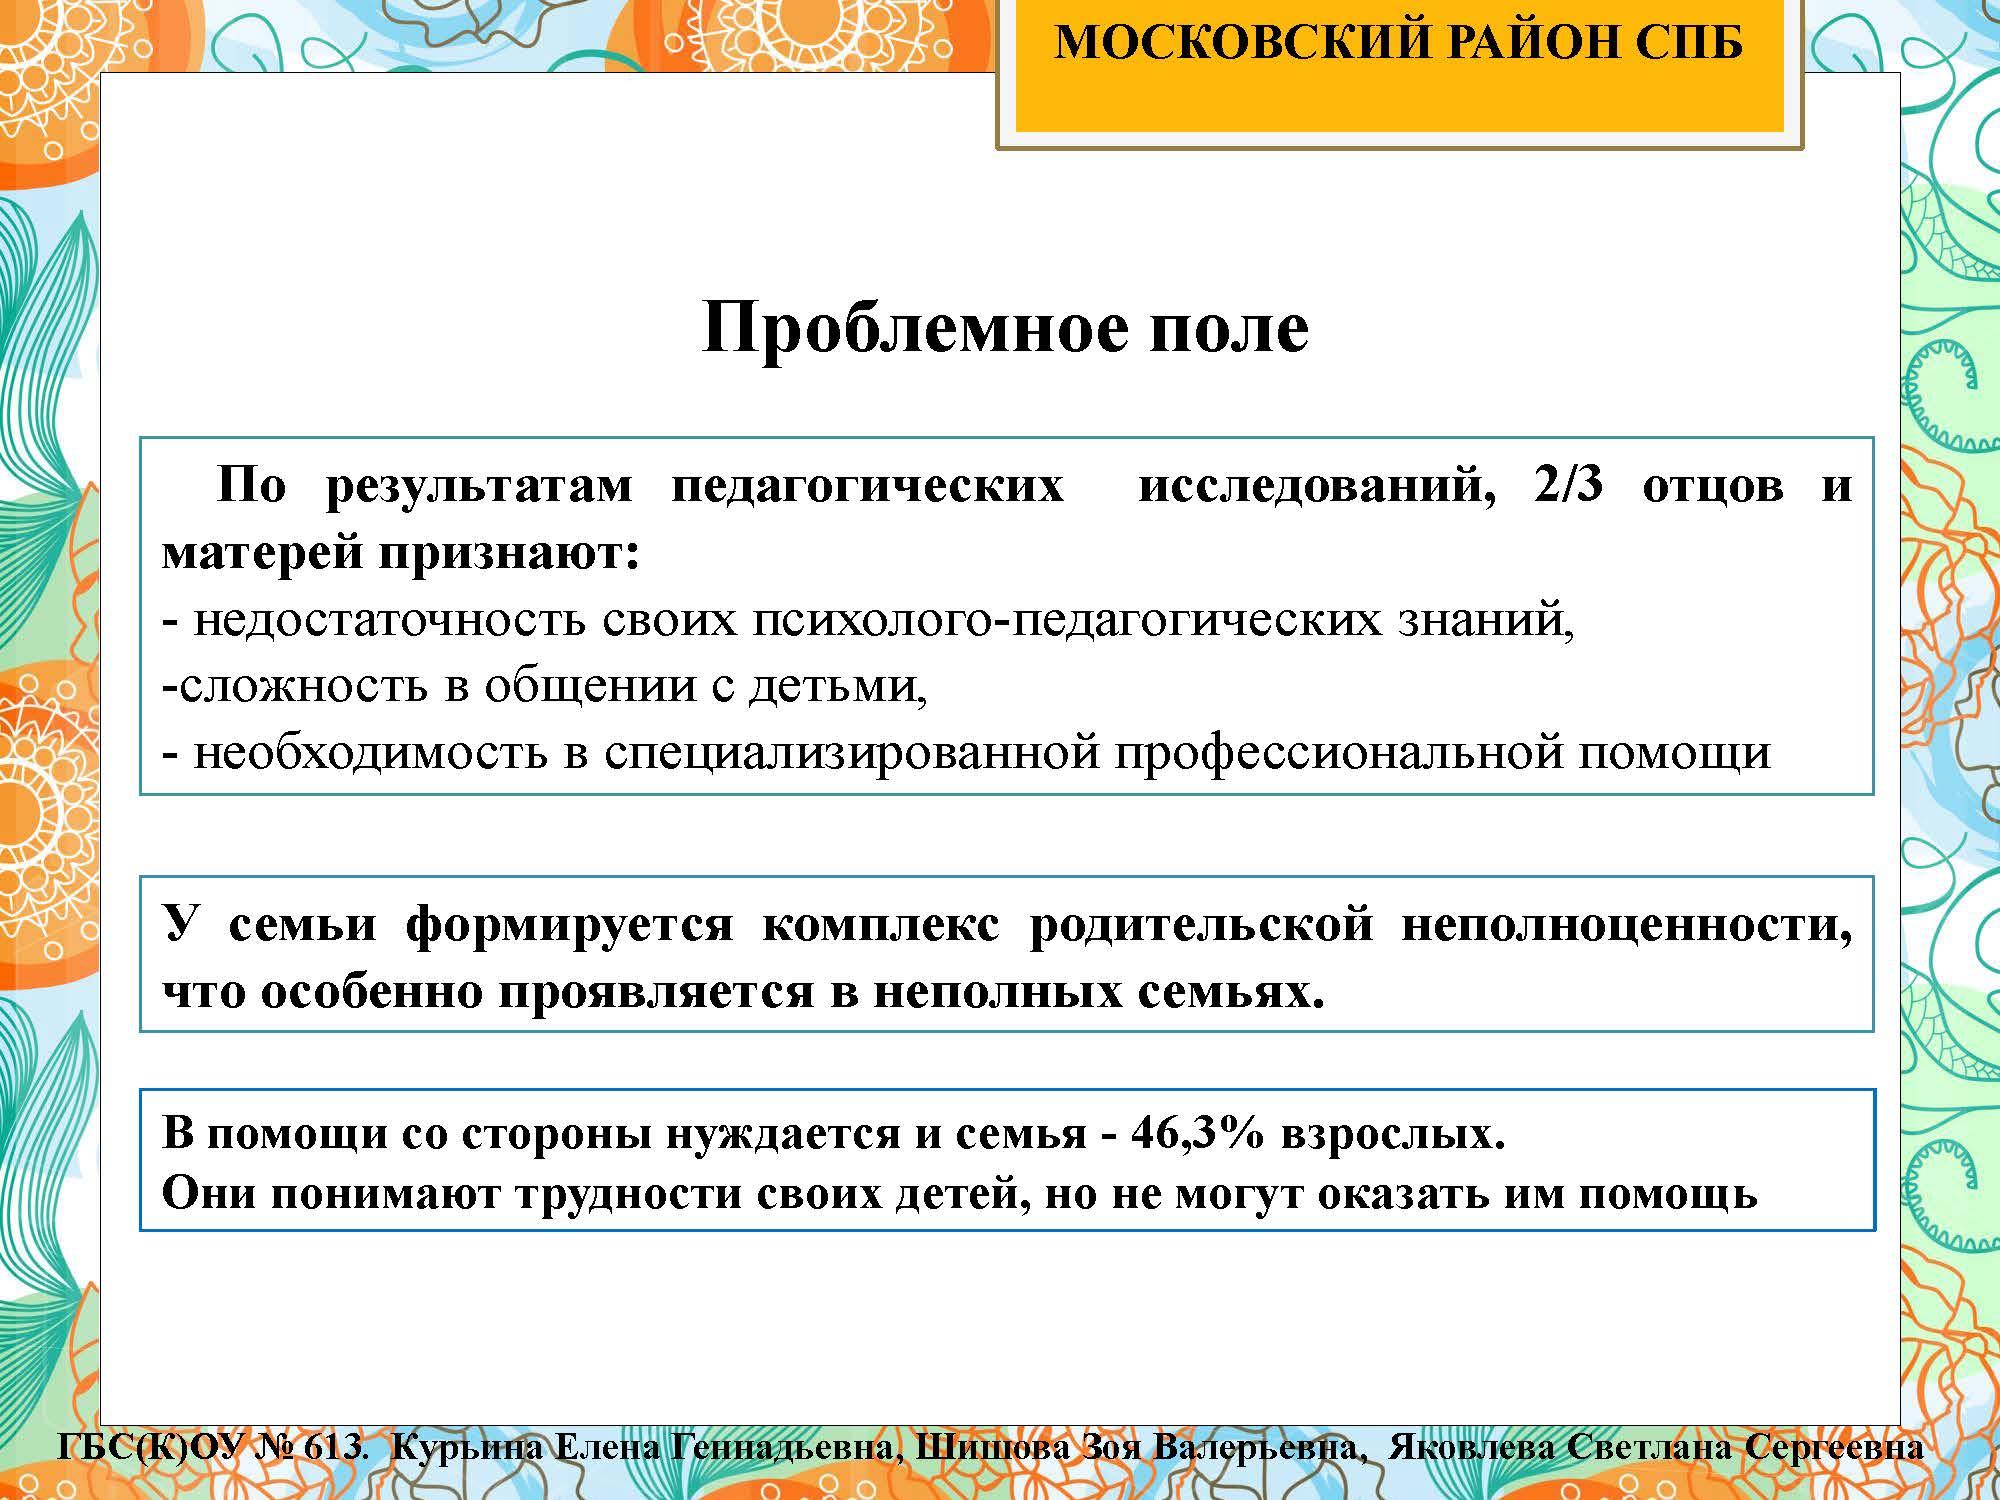 секция 8. ГБС(К)ОУ 613. Московский район_Страница_03